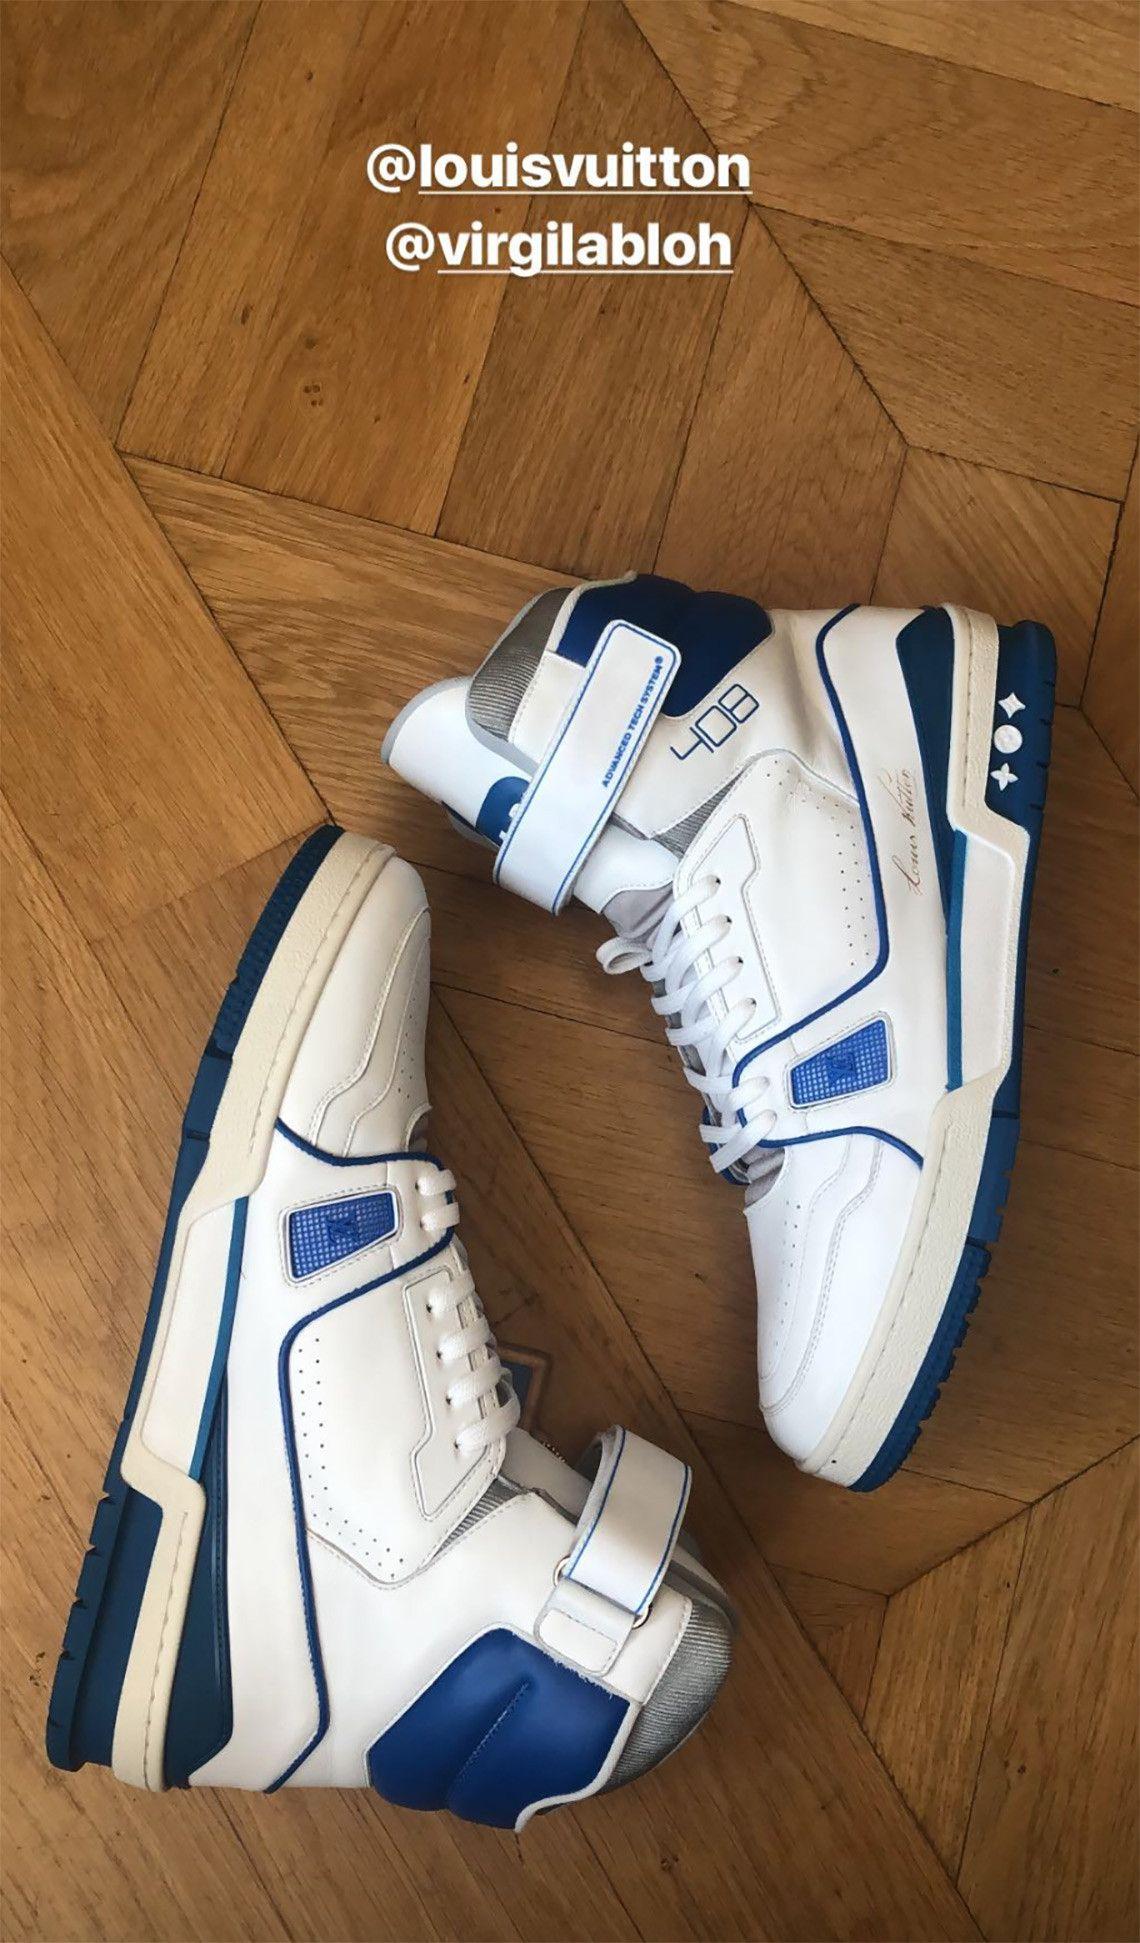 715fea1e3cc9 Virgil Abloh Louis Vuitton Sneaker Detailed Look | clothes | Virgil ...